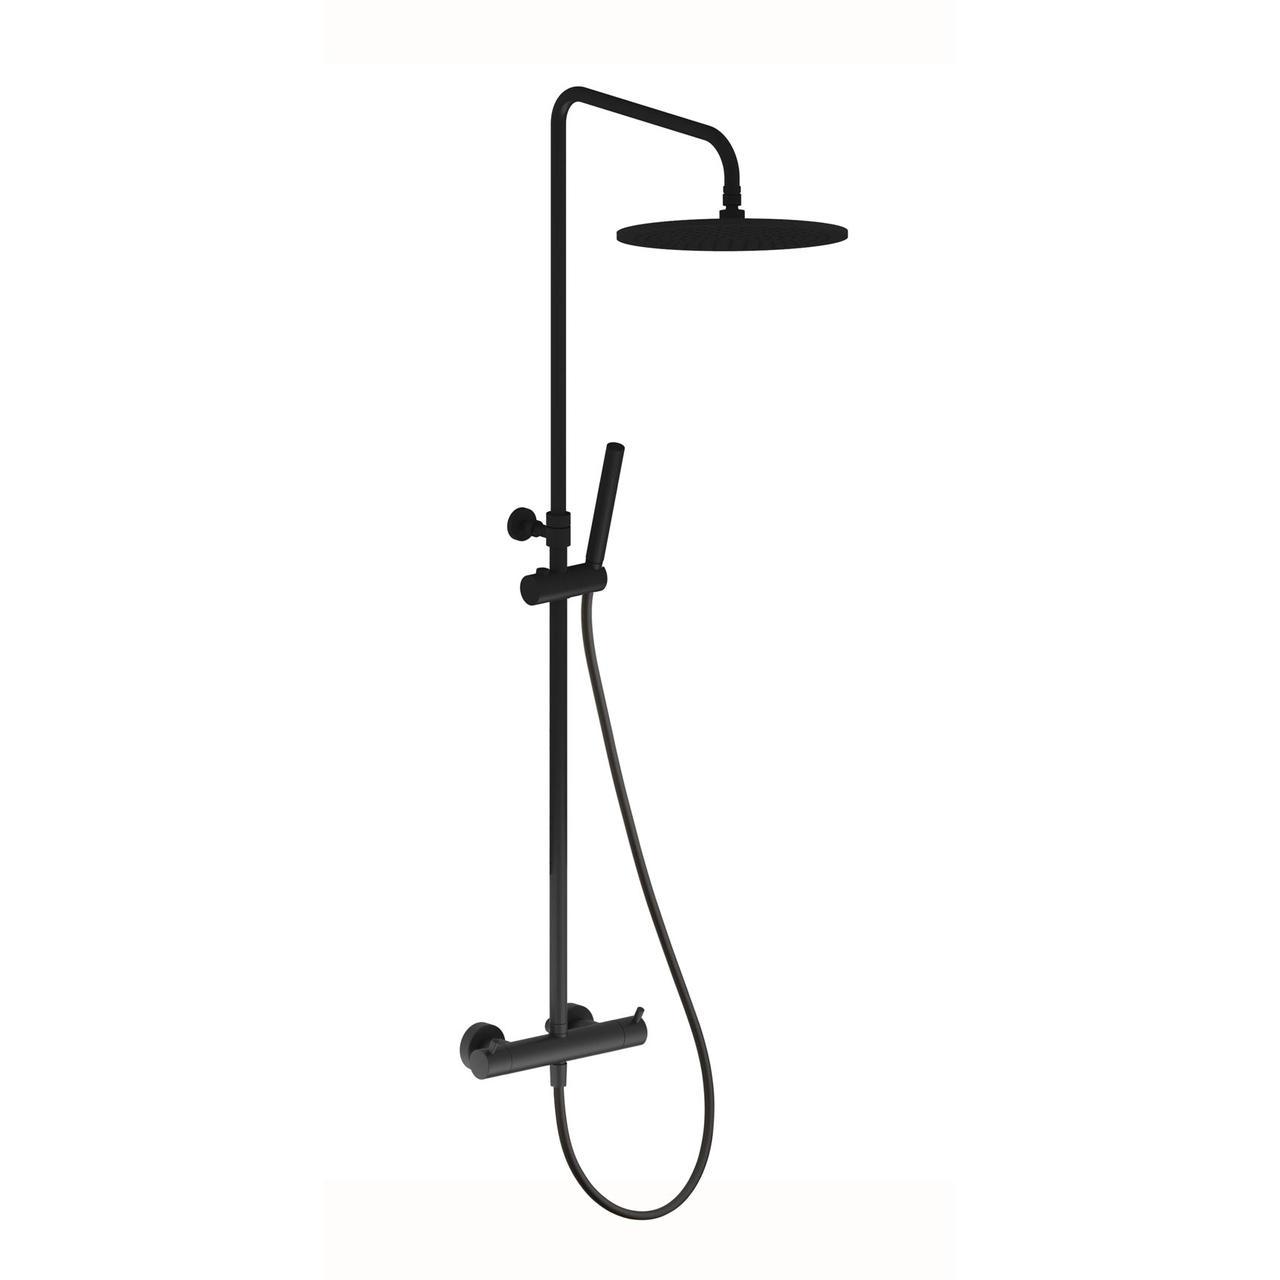 Термостатична душова система, чорний матовий  15020140B ART  Devit